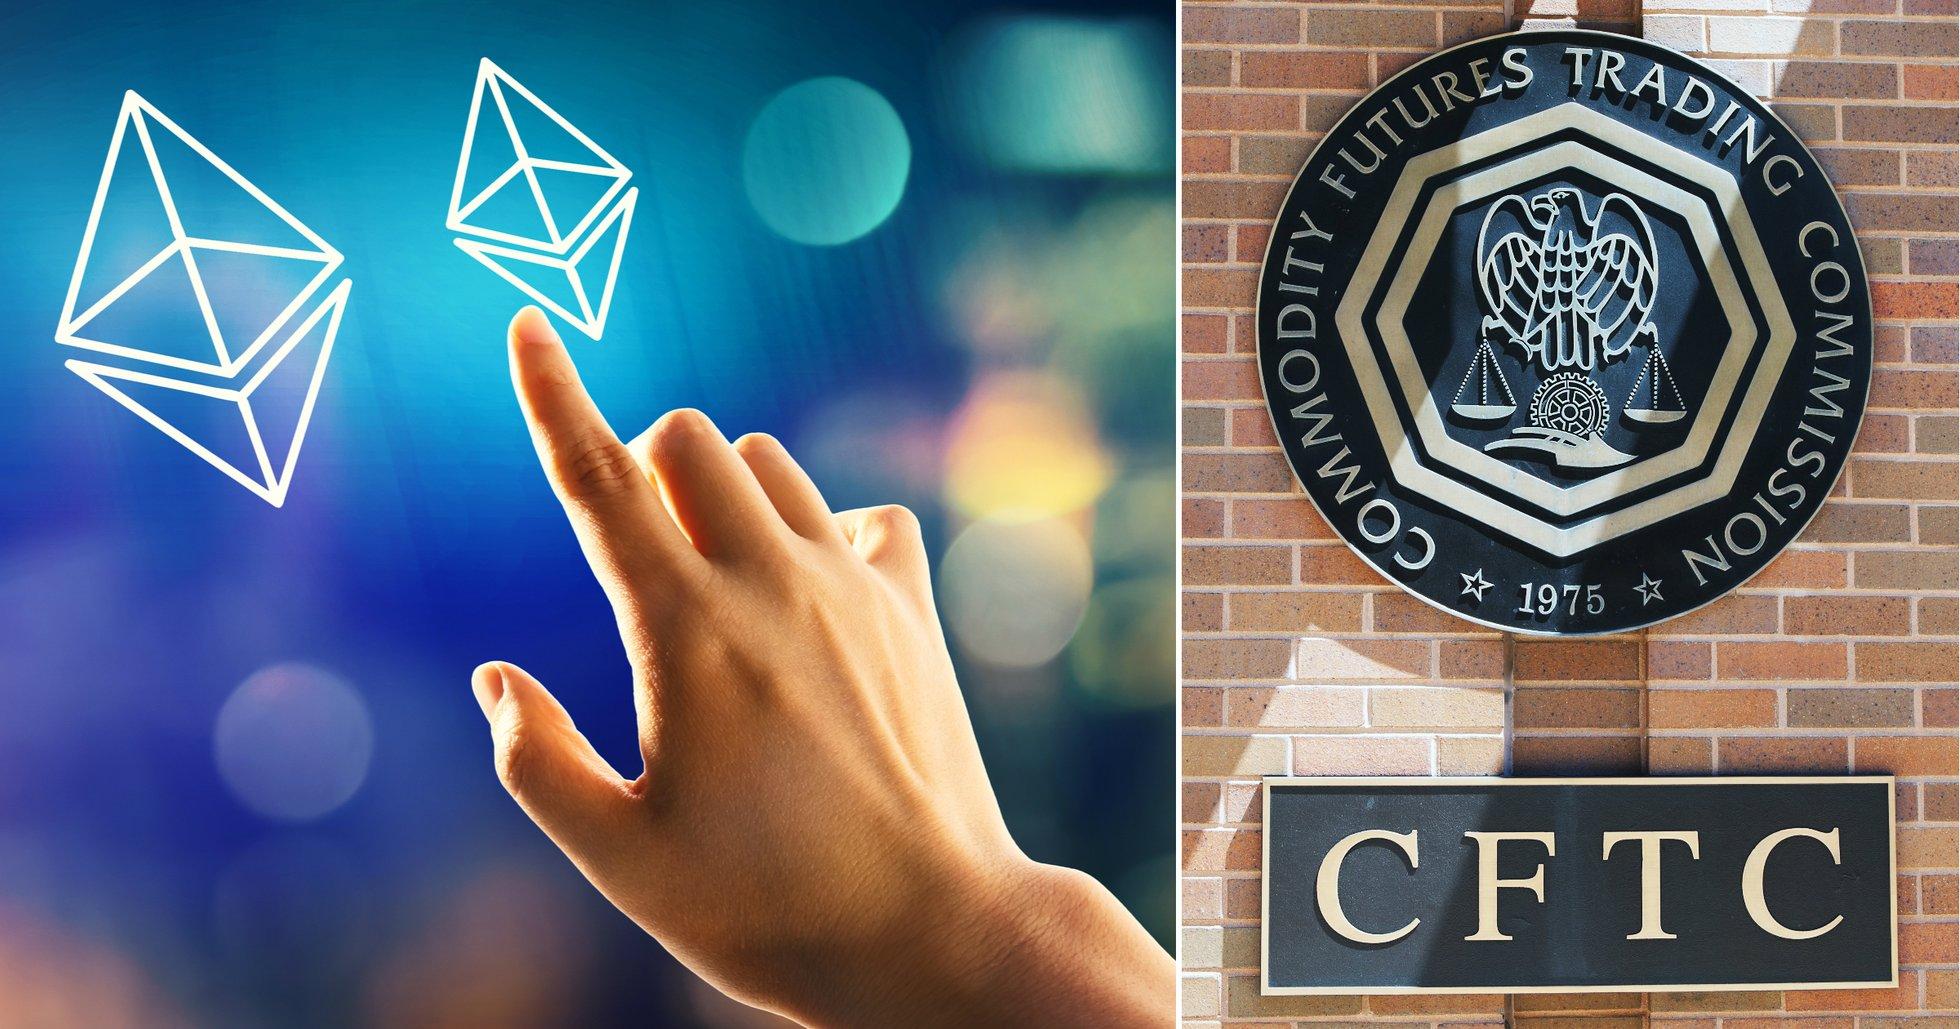 Amerikanska myndigheter bekräftar: Ethereum är en handelsvara – inte ett värdepapper.